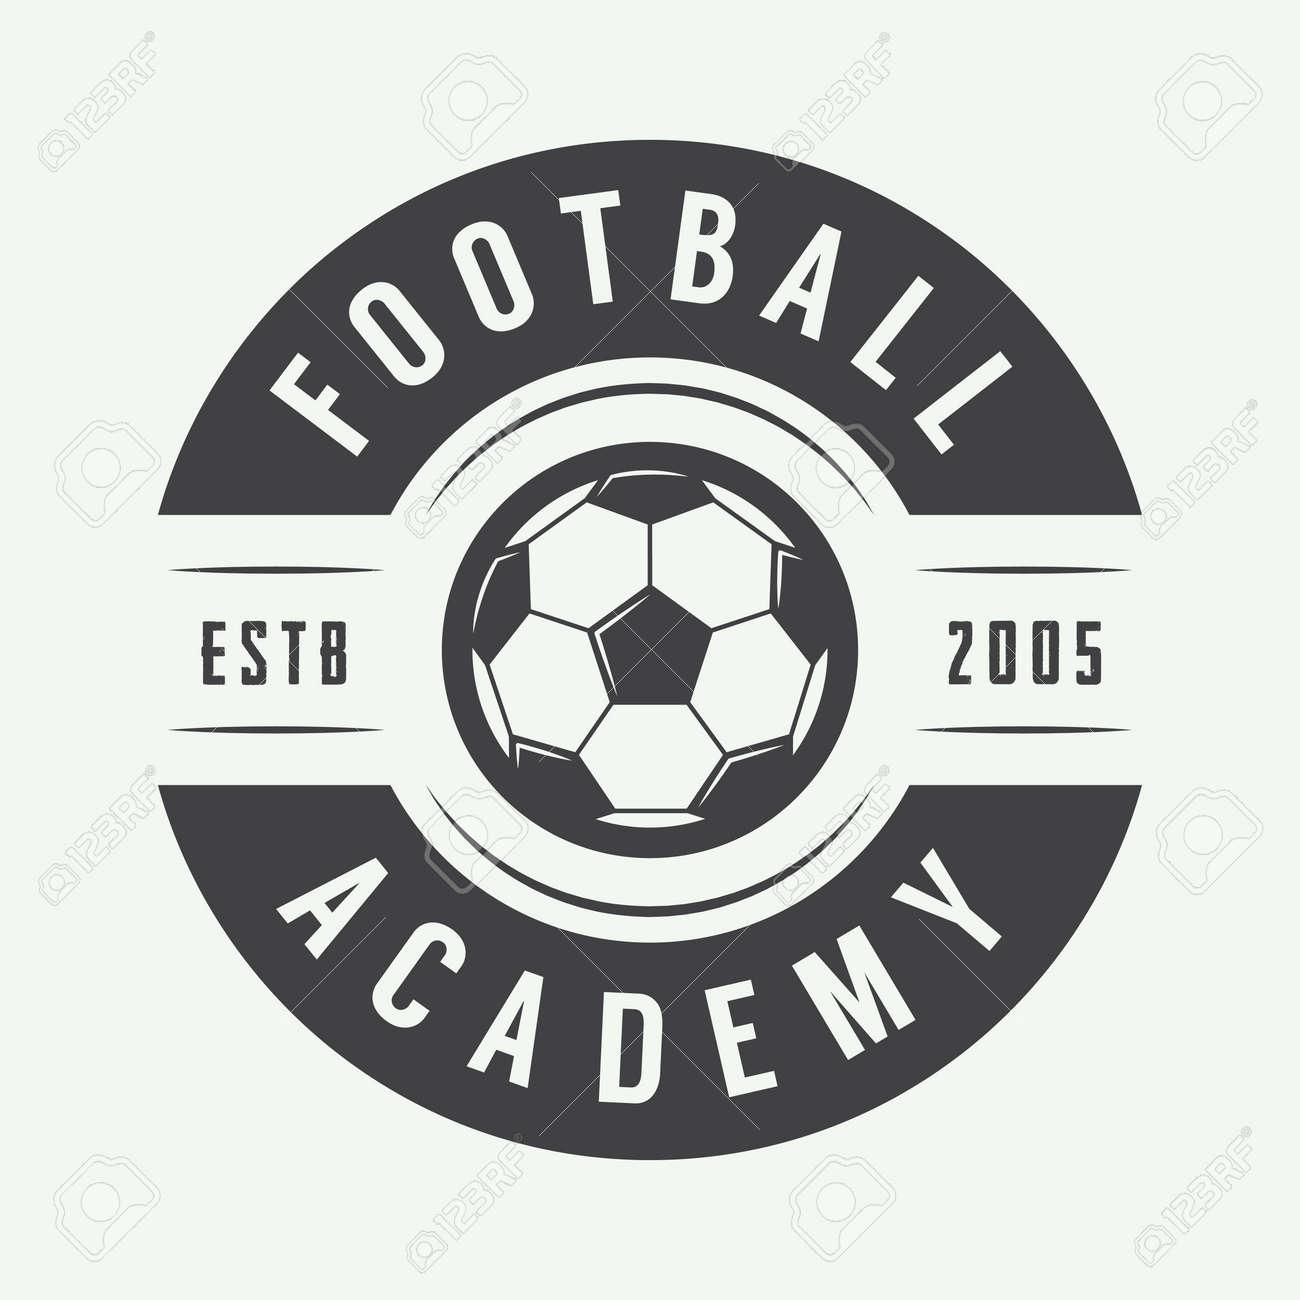 Vintage soccer or football logo, emblem, badge. Vector illustration - 48642157